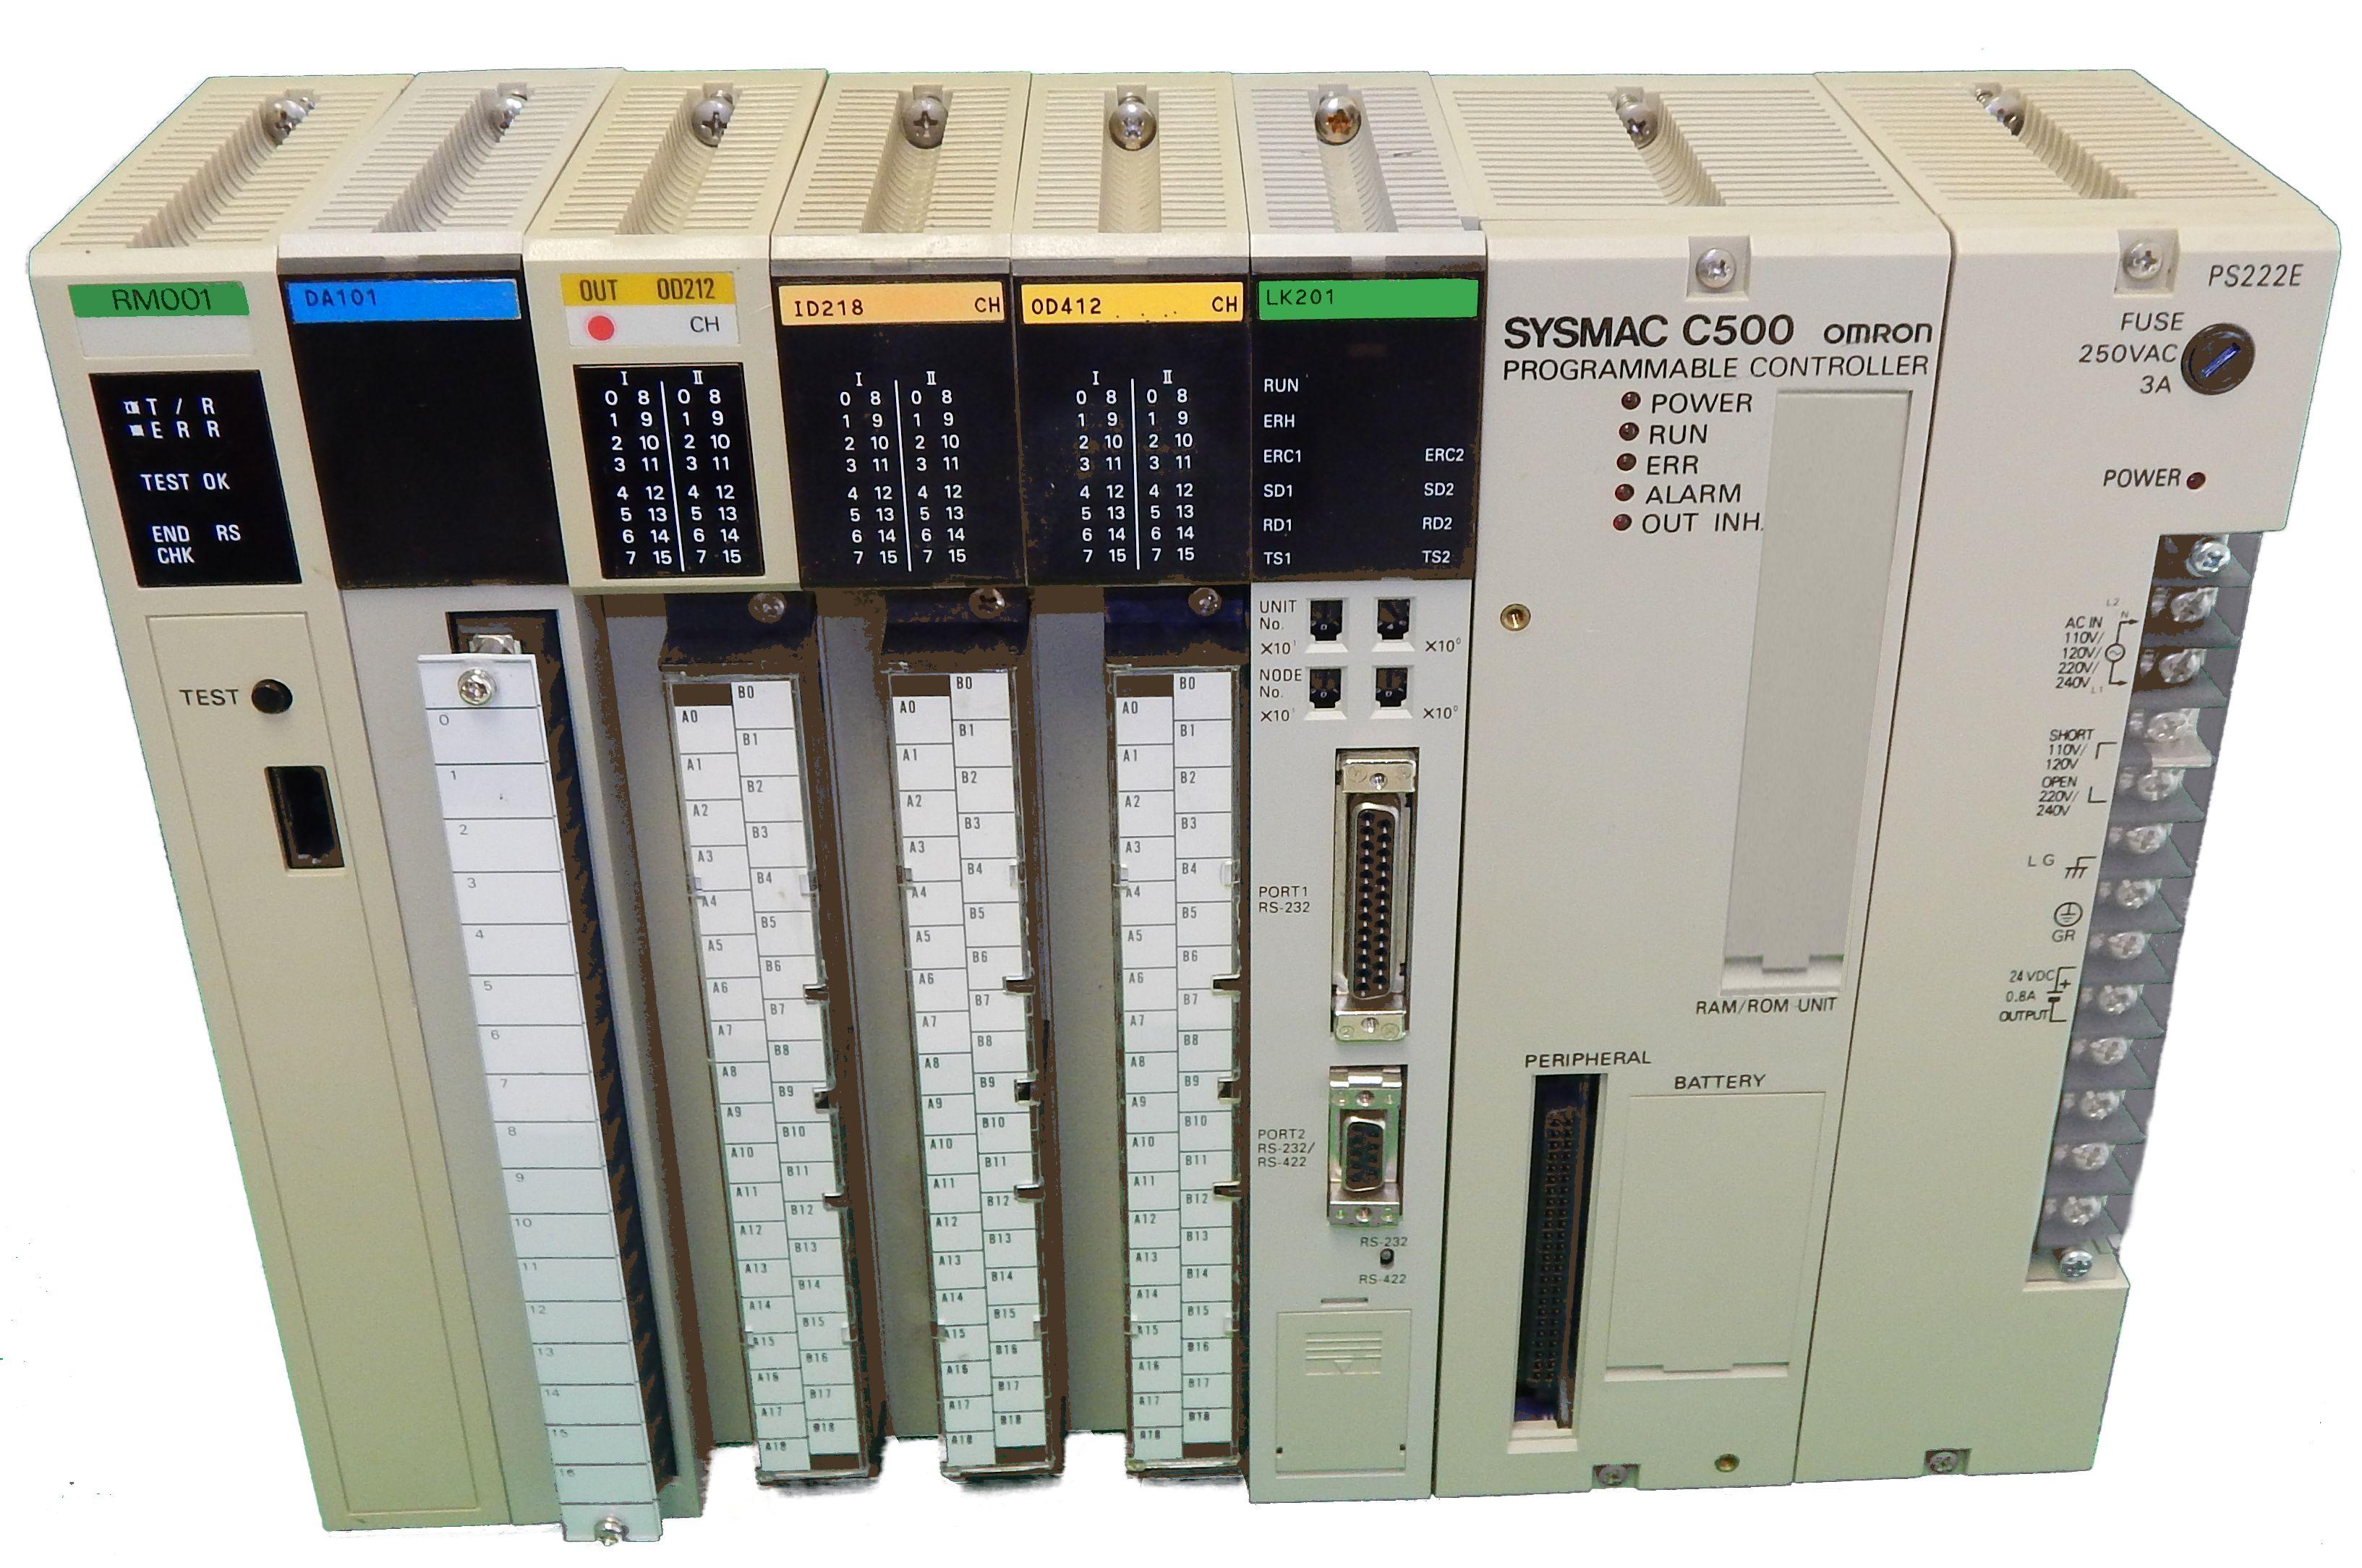 3G2A5-OD213